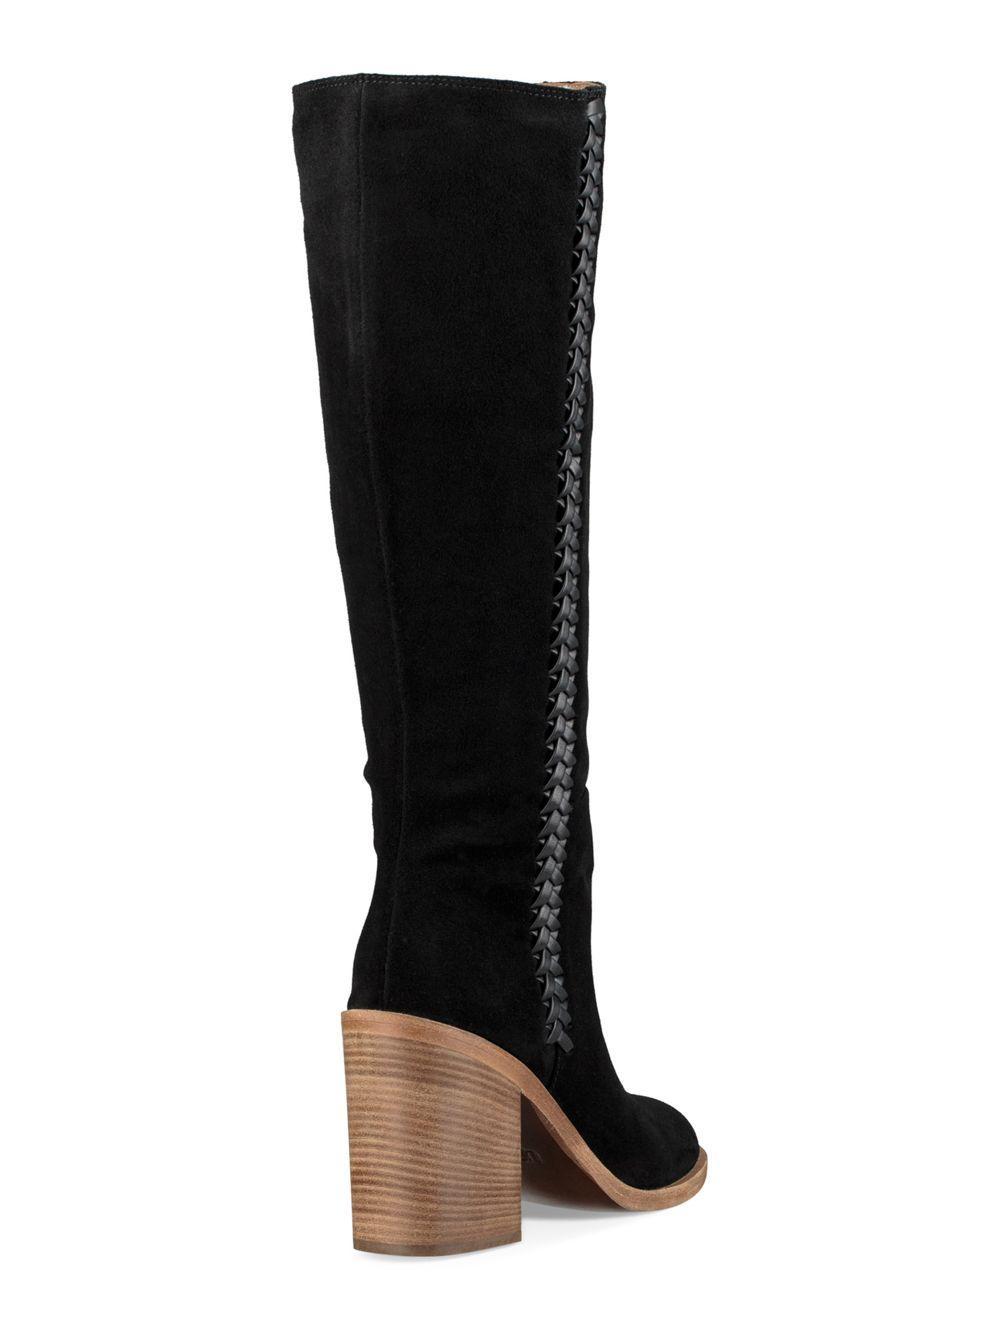 eb48f6a3e33 Black Women's Maeva Suede Mid-calf Boots